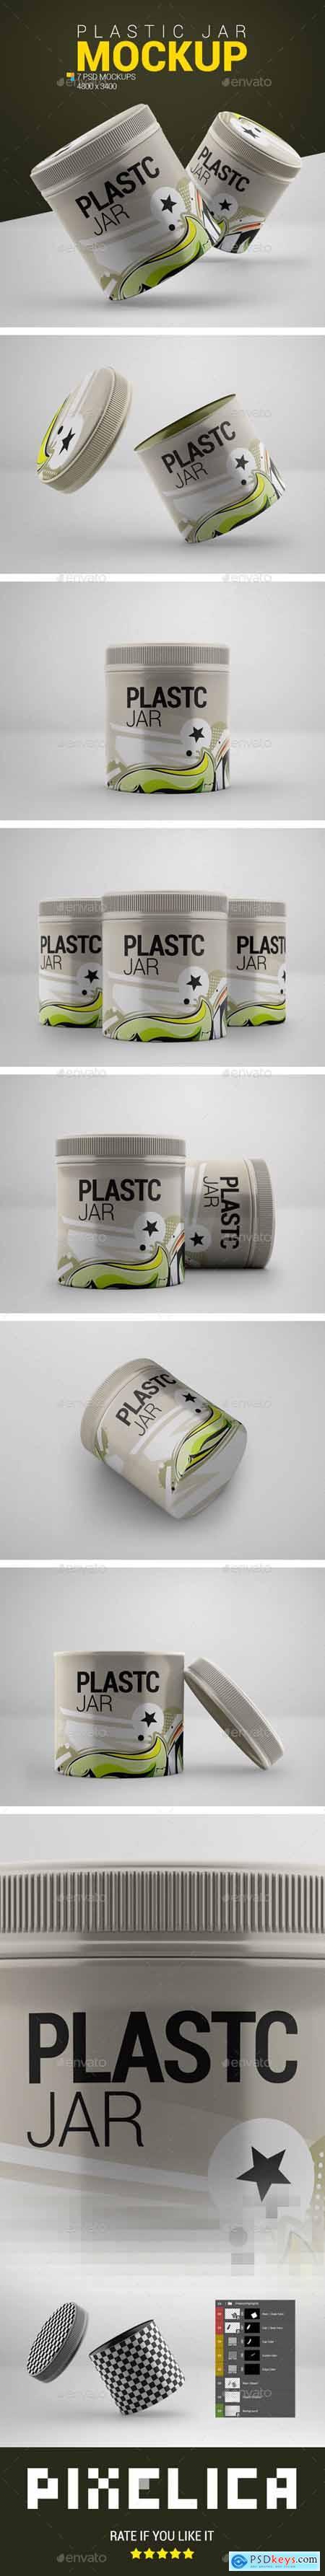 Plastic Jar Mockup 23991692